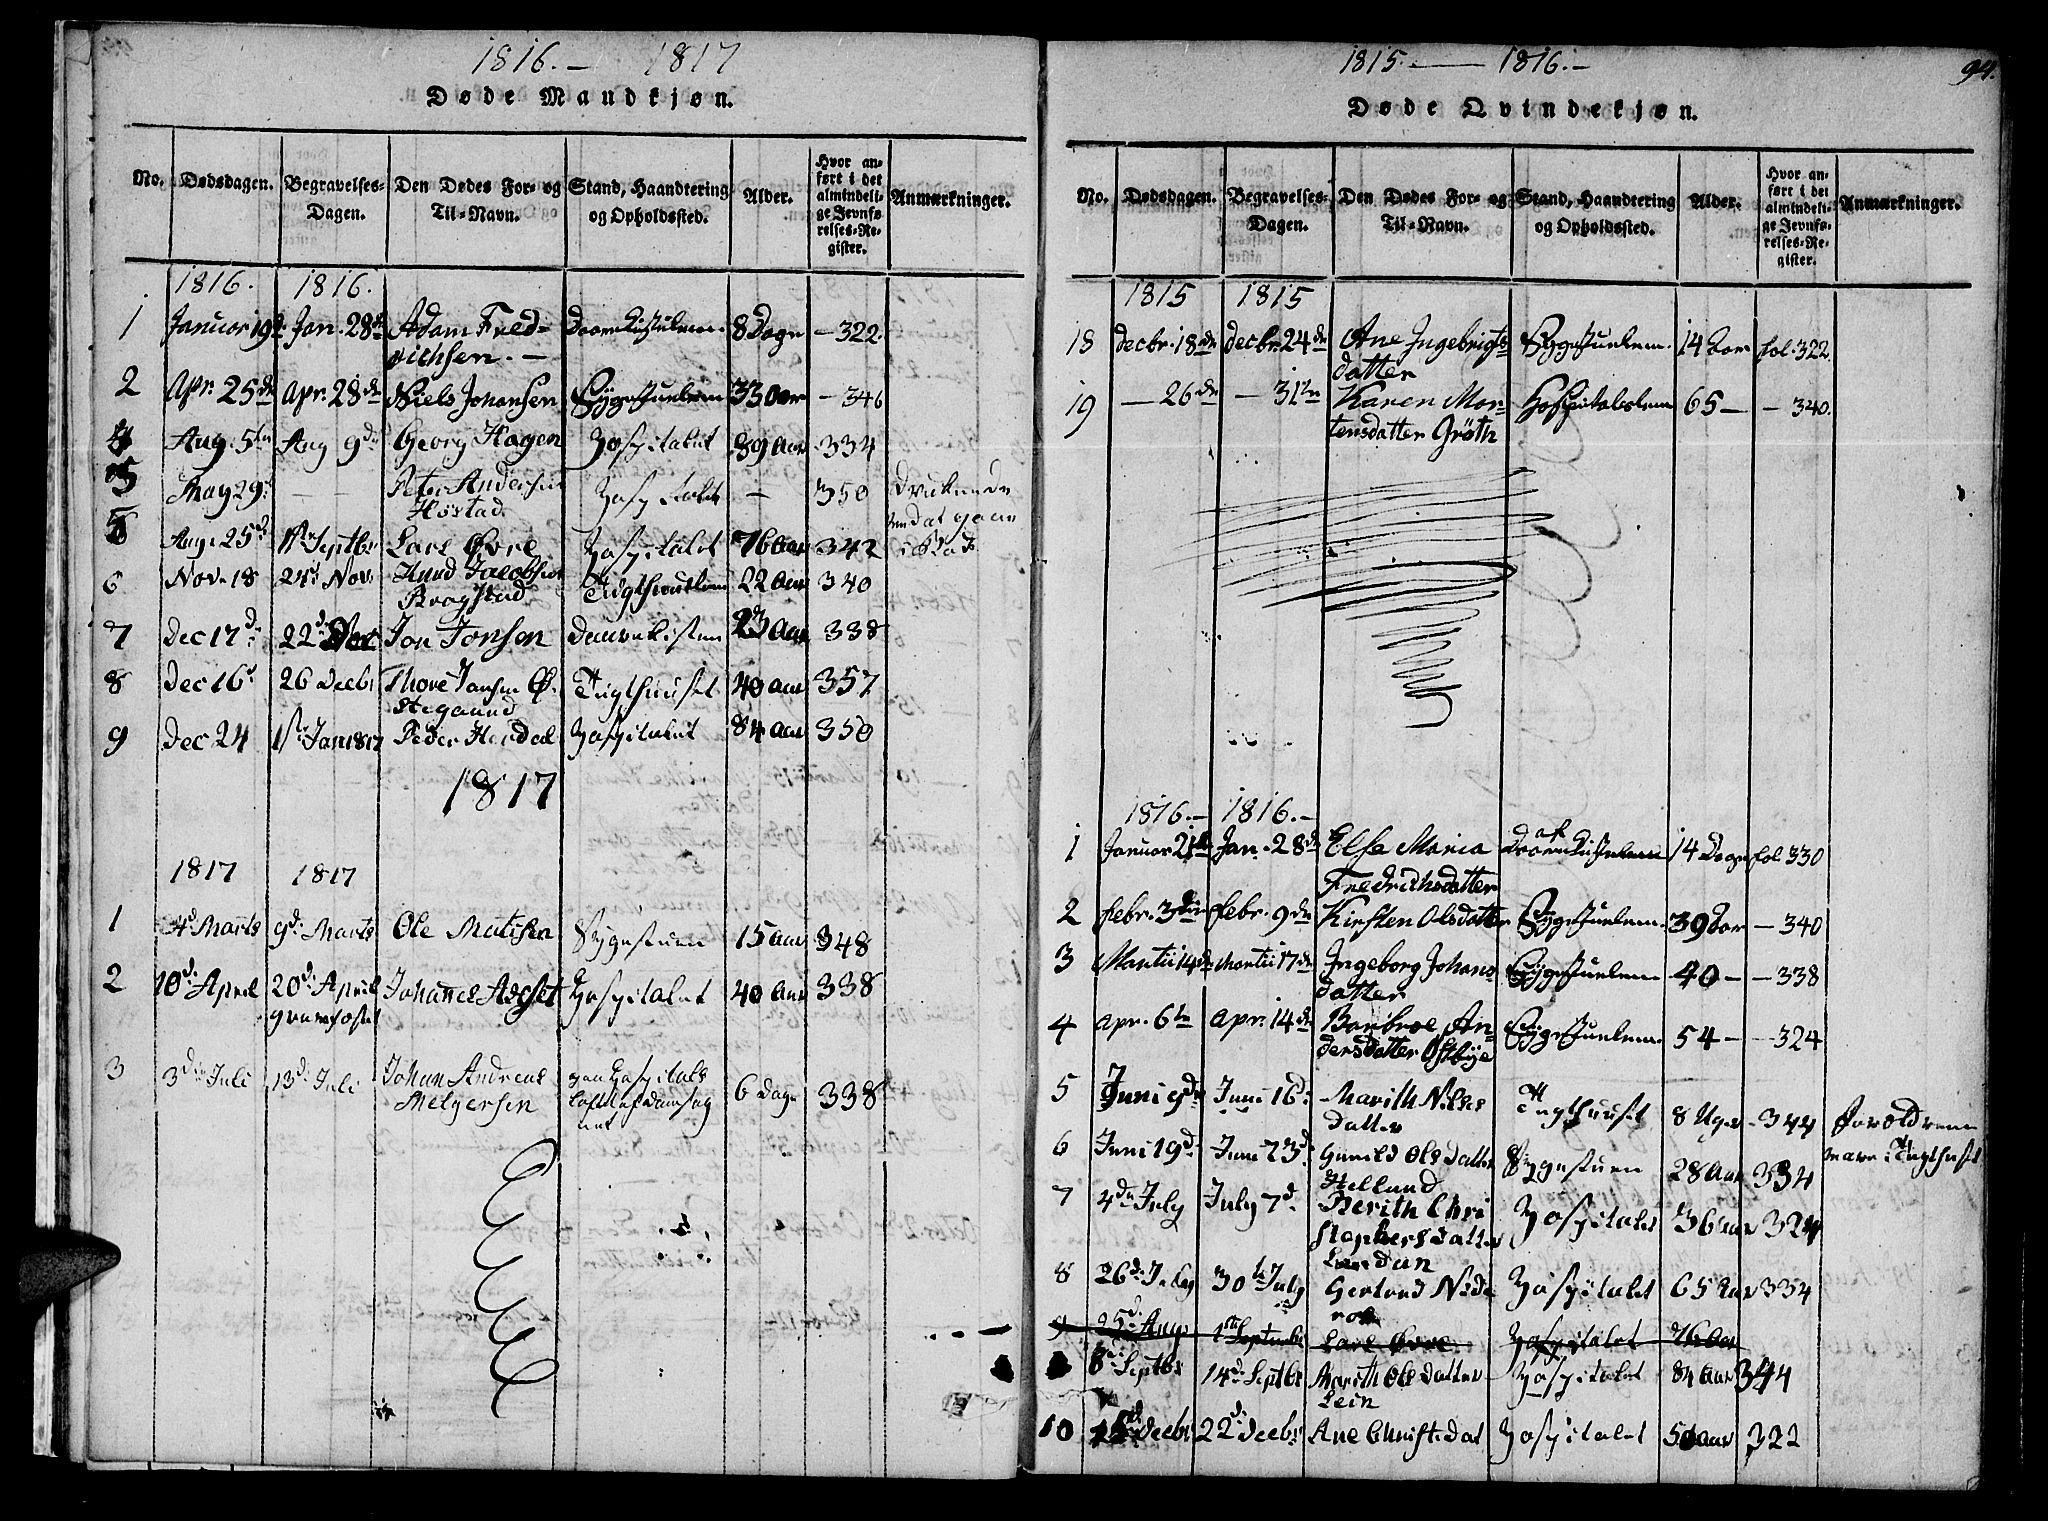 SAT, Ministerialprotokoller, klokkerbøker og fødselsregistre - Sør-Trøndelag, 623/L0467: Ministerialbok nr. 623A01, 1815-1825, s. 94